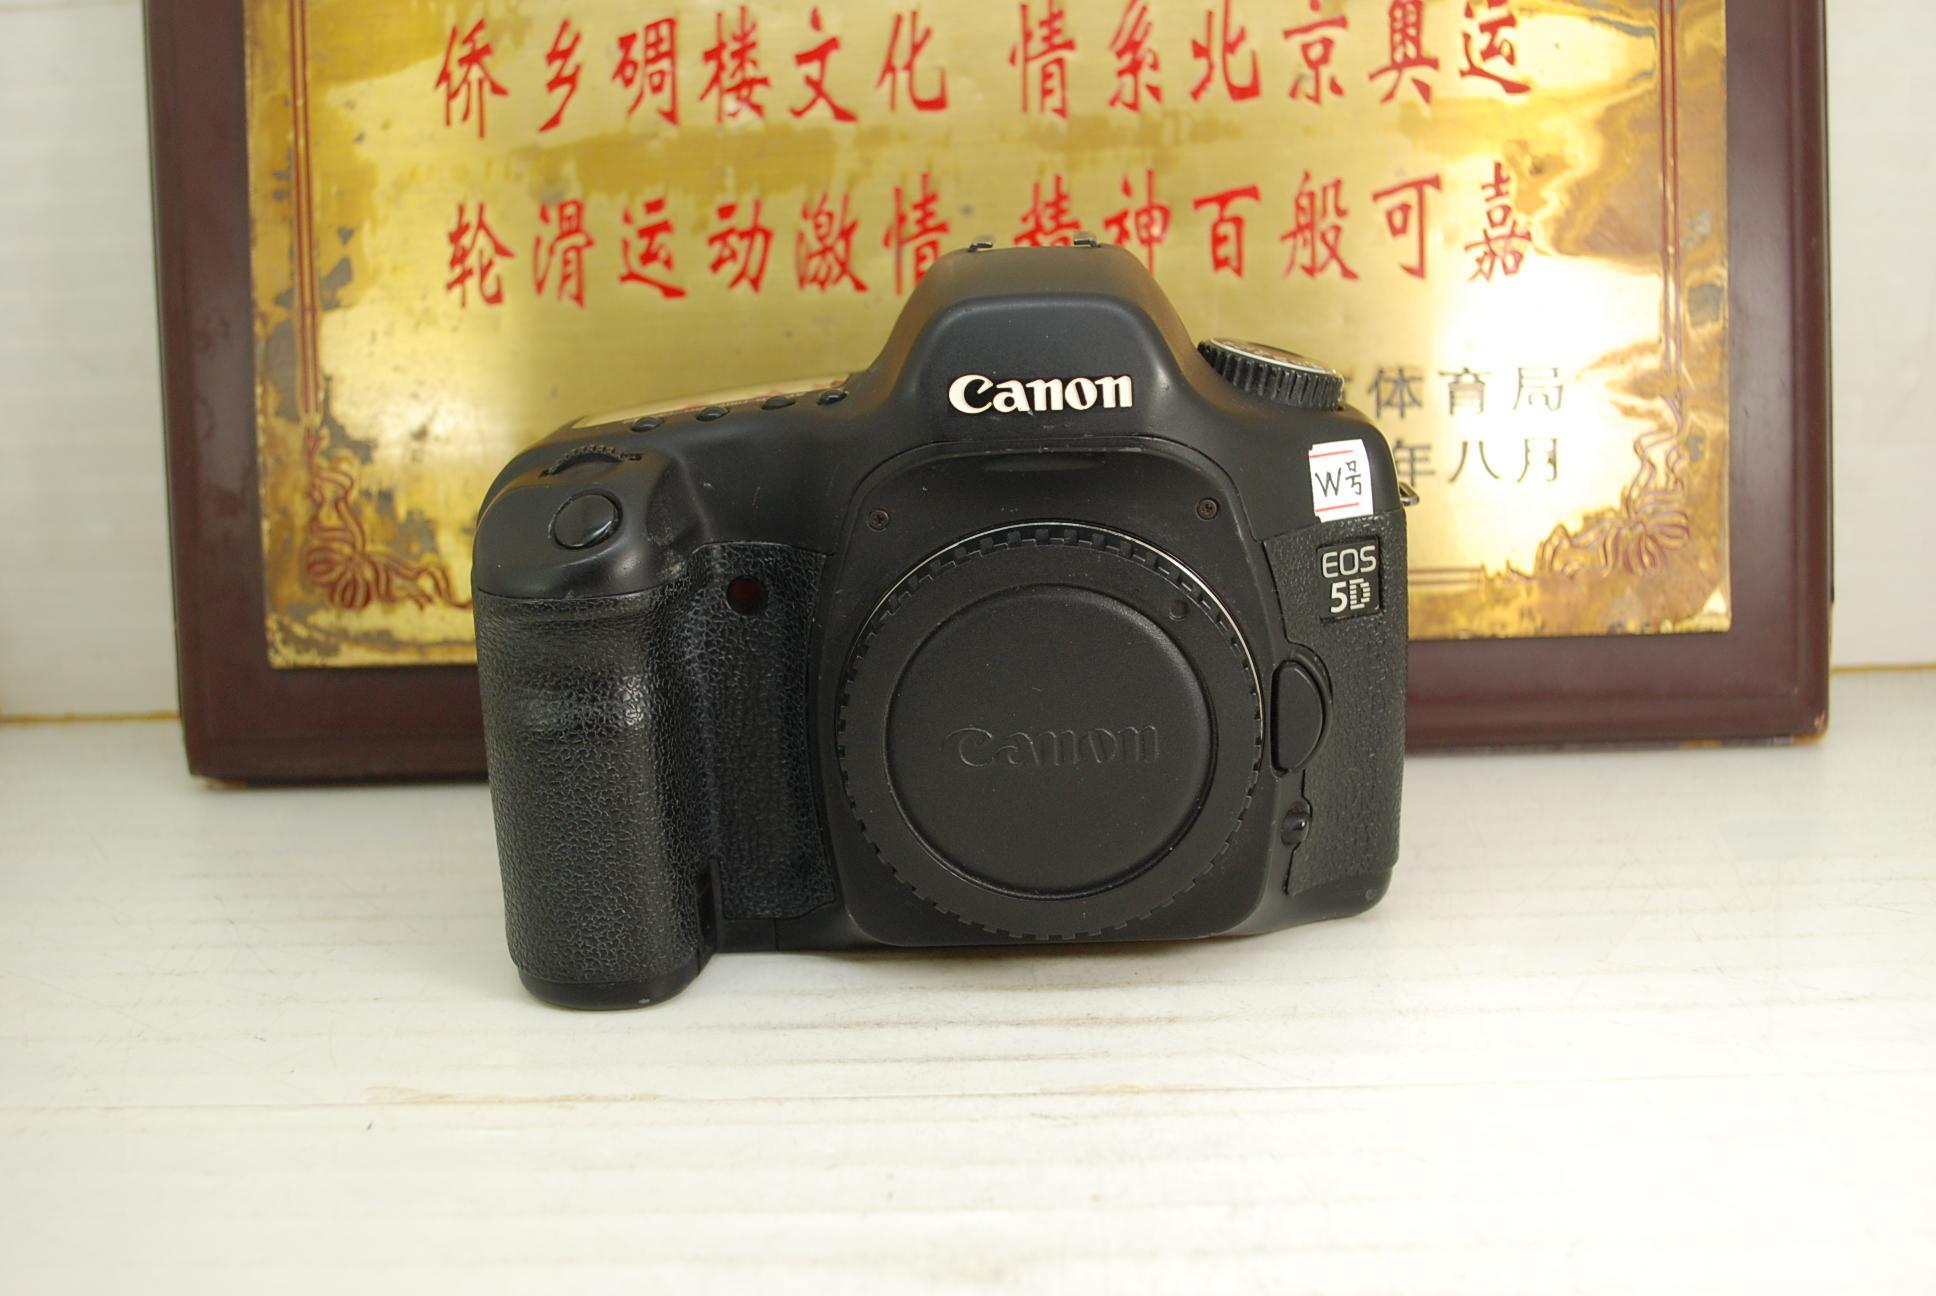 佳能 5D 全畫幅 數碼單反相機 套機 千萬像素 專業機型